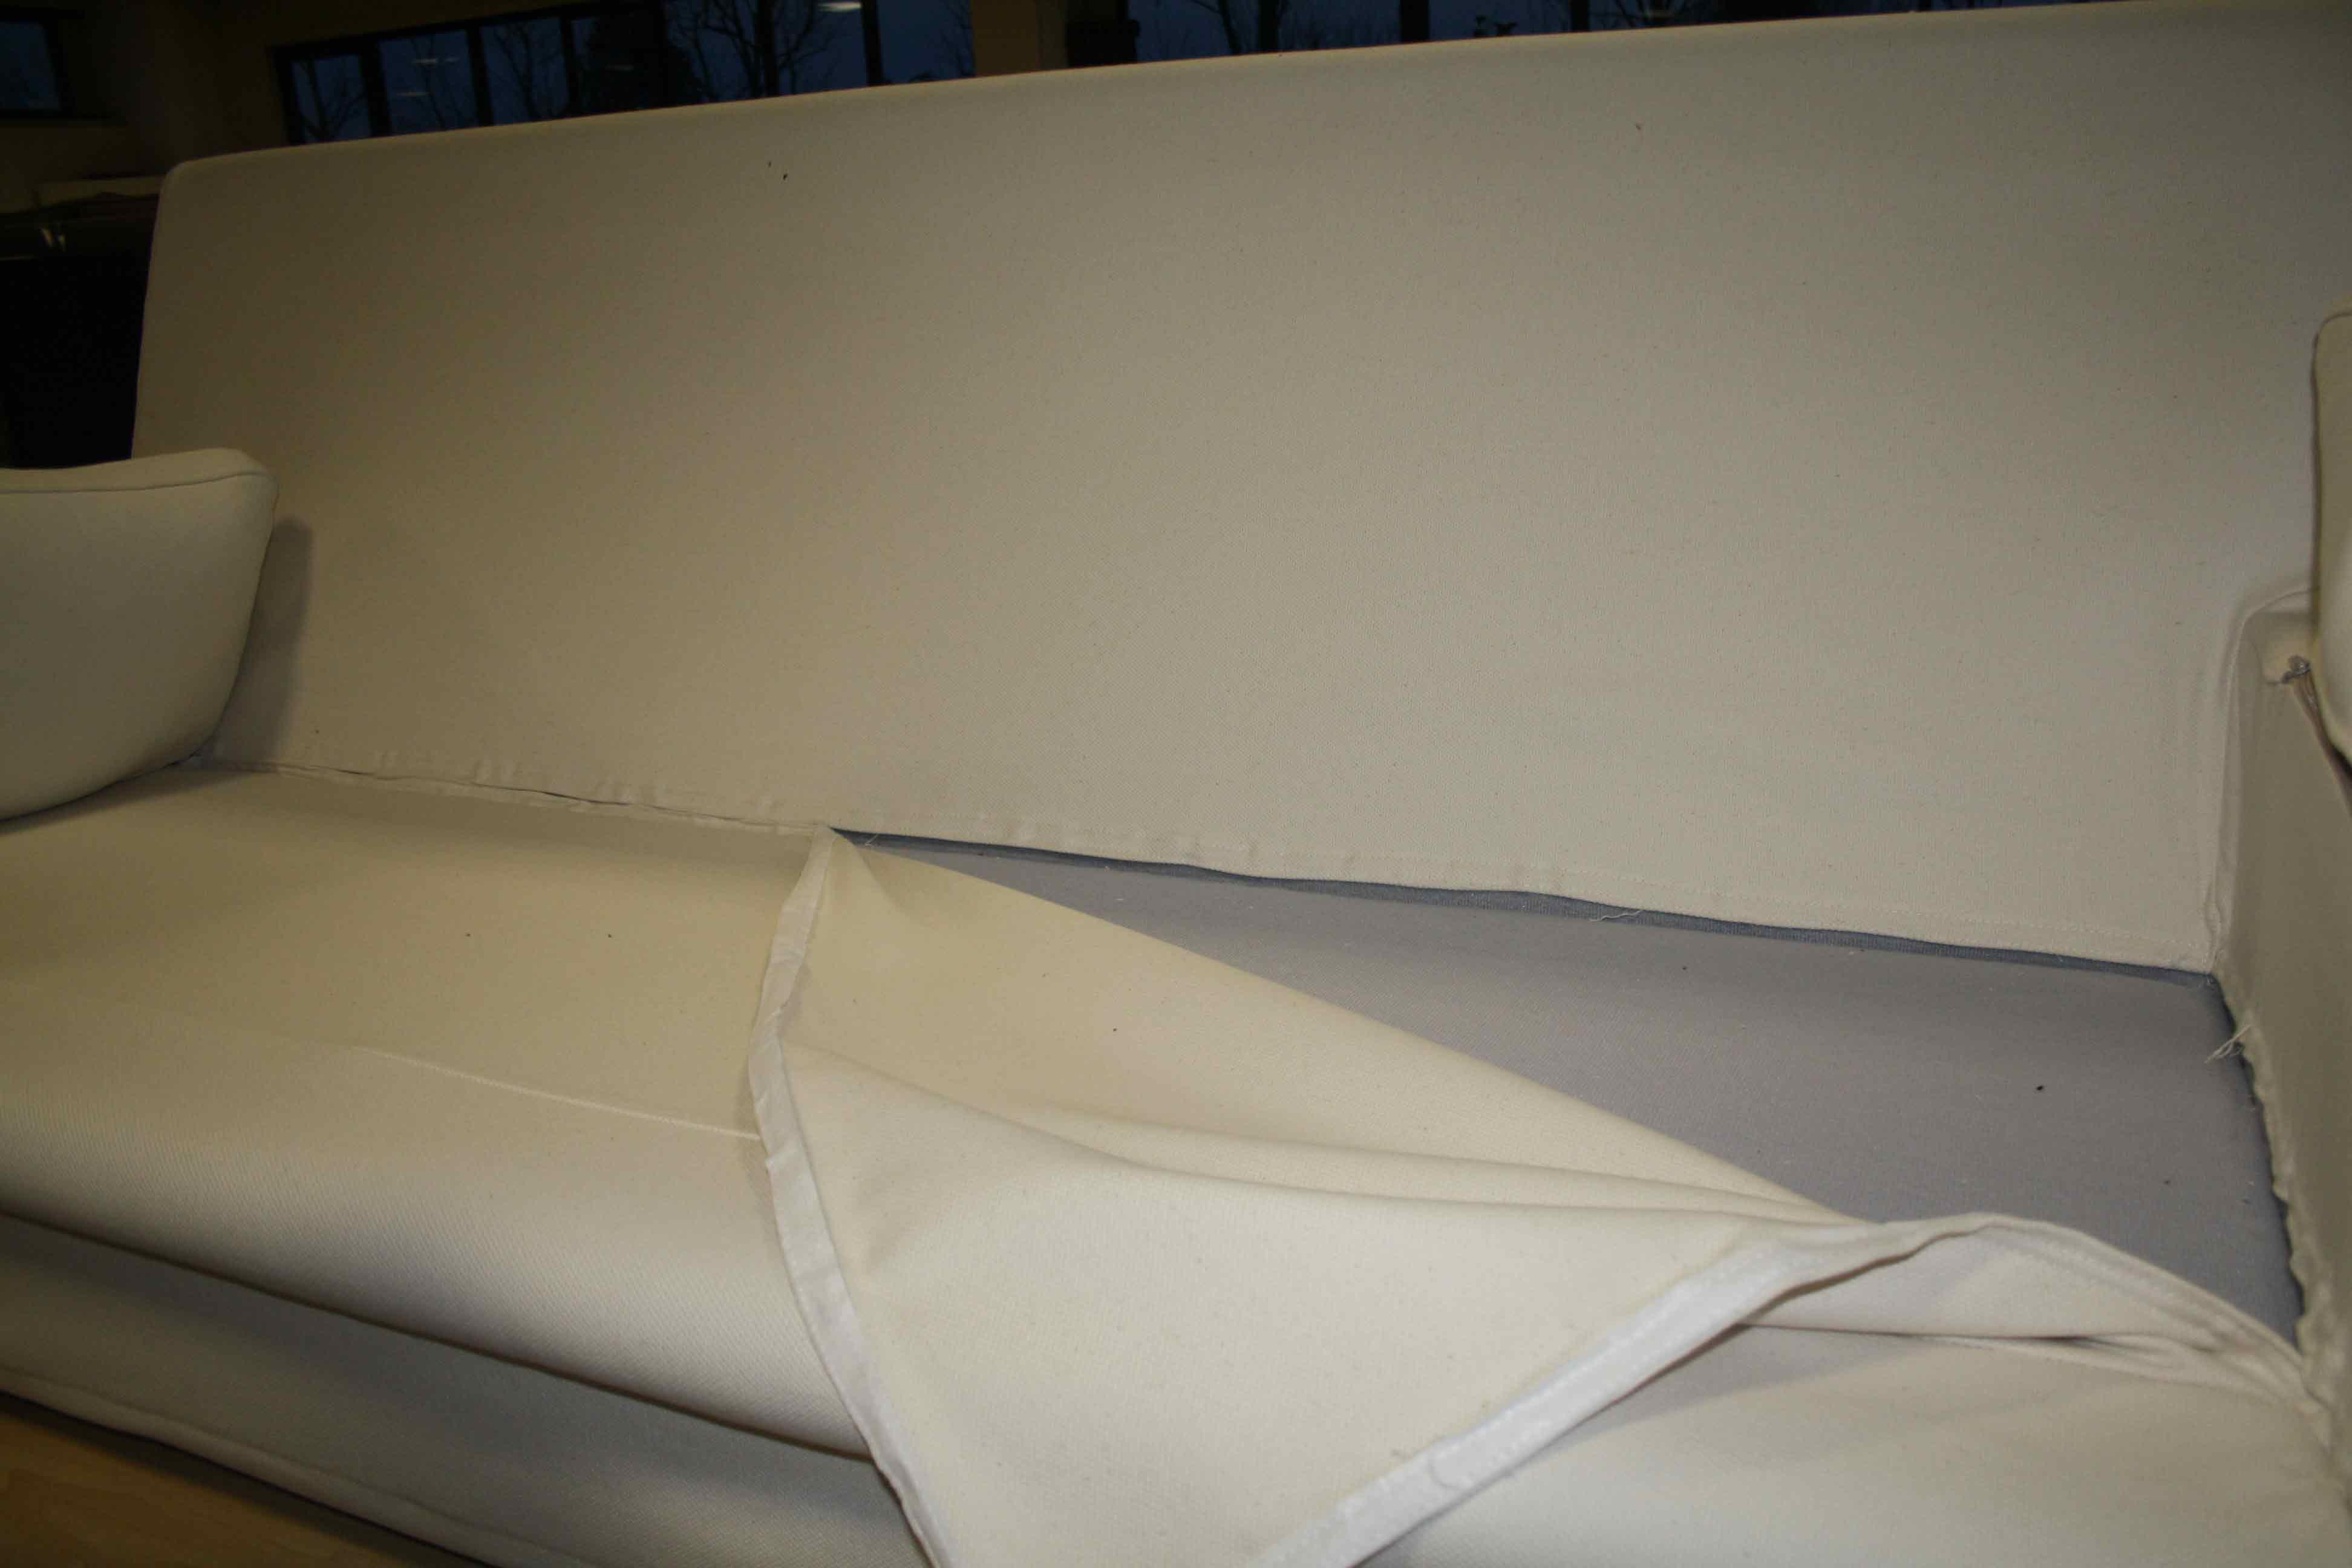 Pulire il divano in tessuto trendy good come pulire divano di stoffa non sfoderabile divano con - Pulire divano di pelle ...